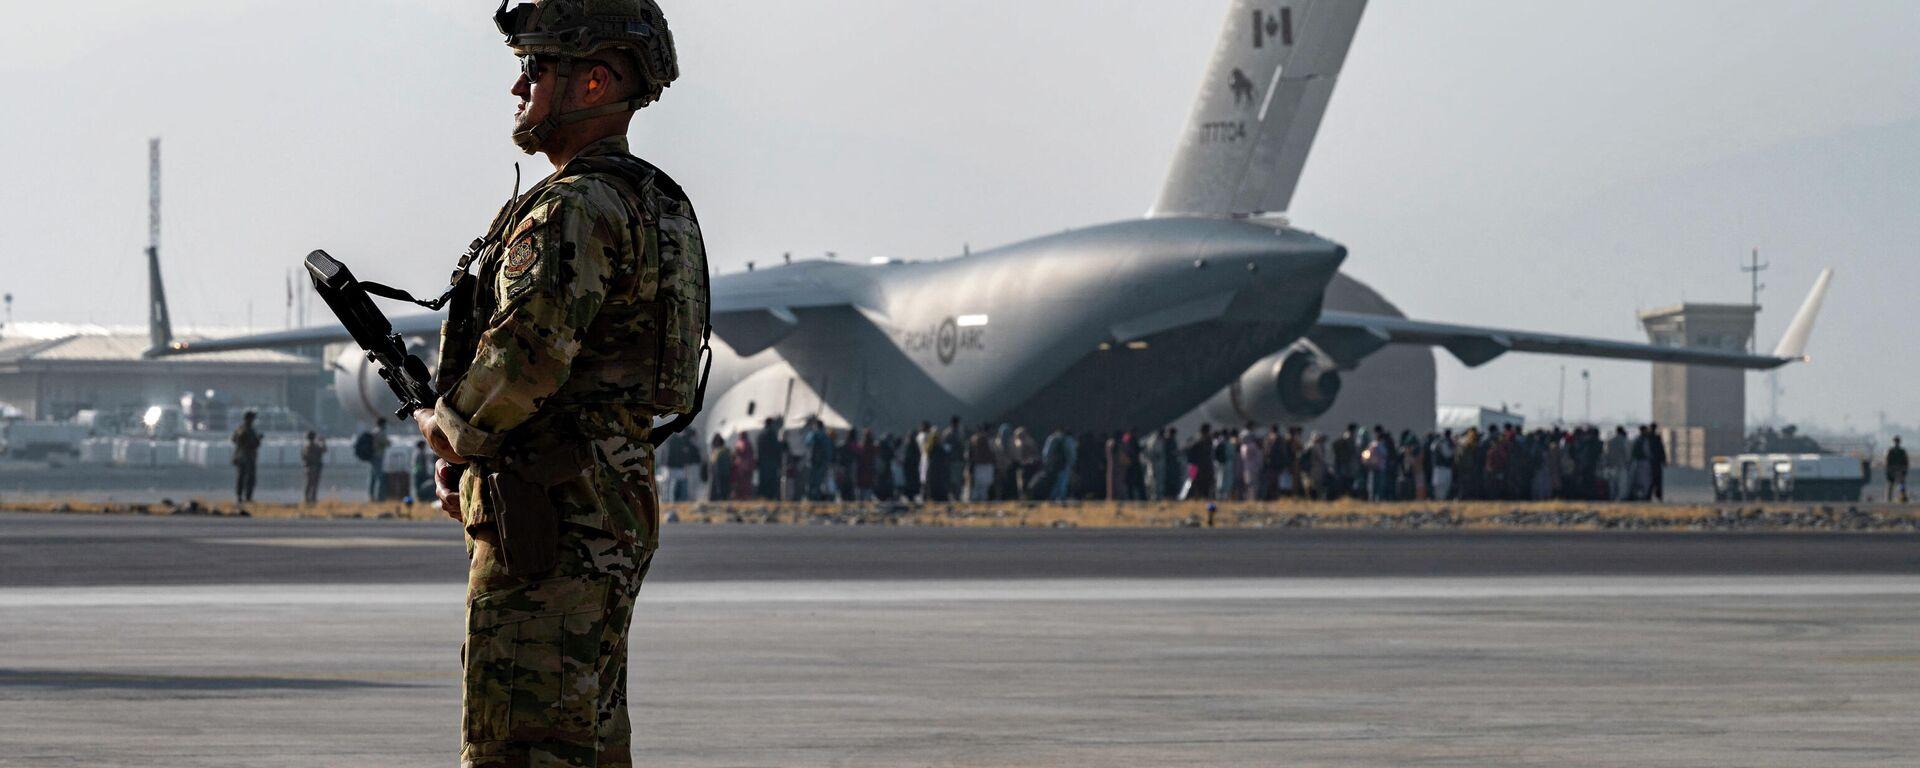 Amerikanskiy voyennыy v aeroportu Kabula, 20 avgusta 2021 goda - Sputnik Oʻzbekiston, 1920, 23.08.2021